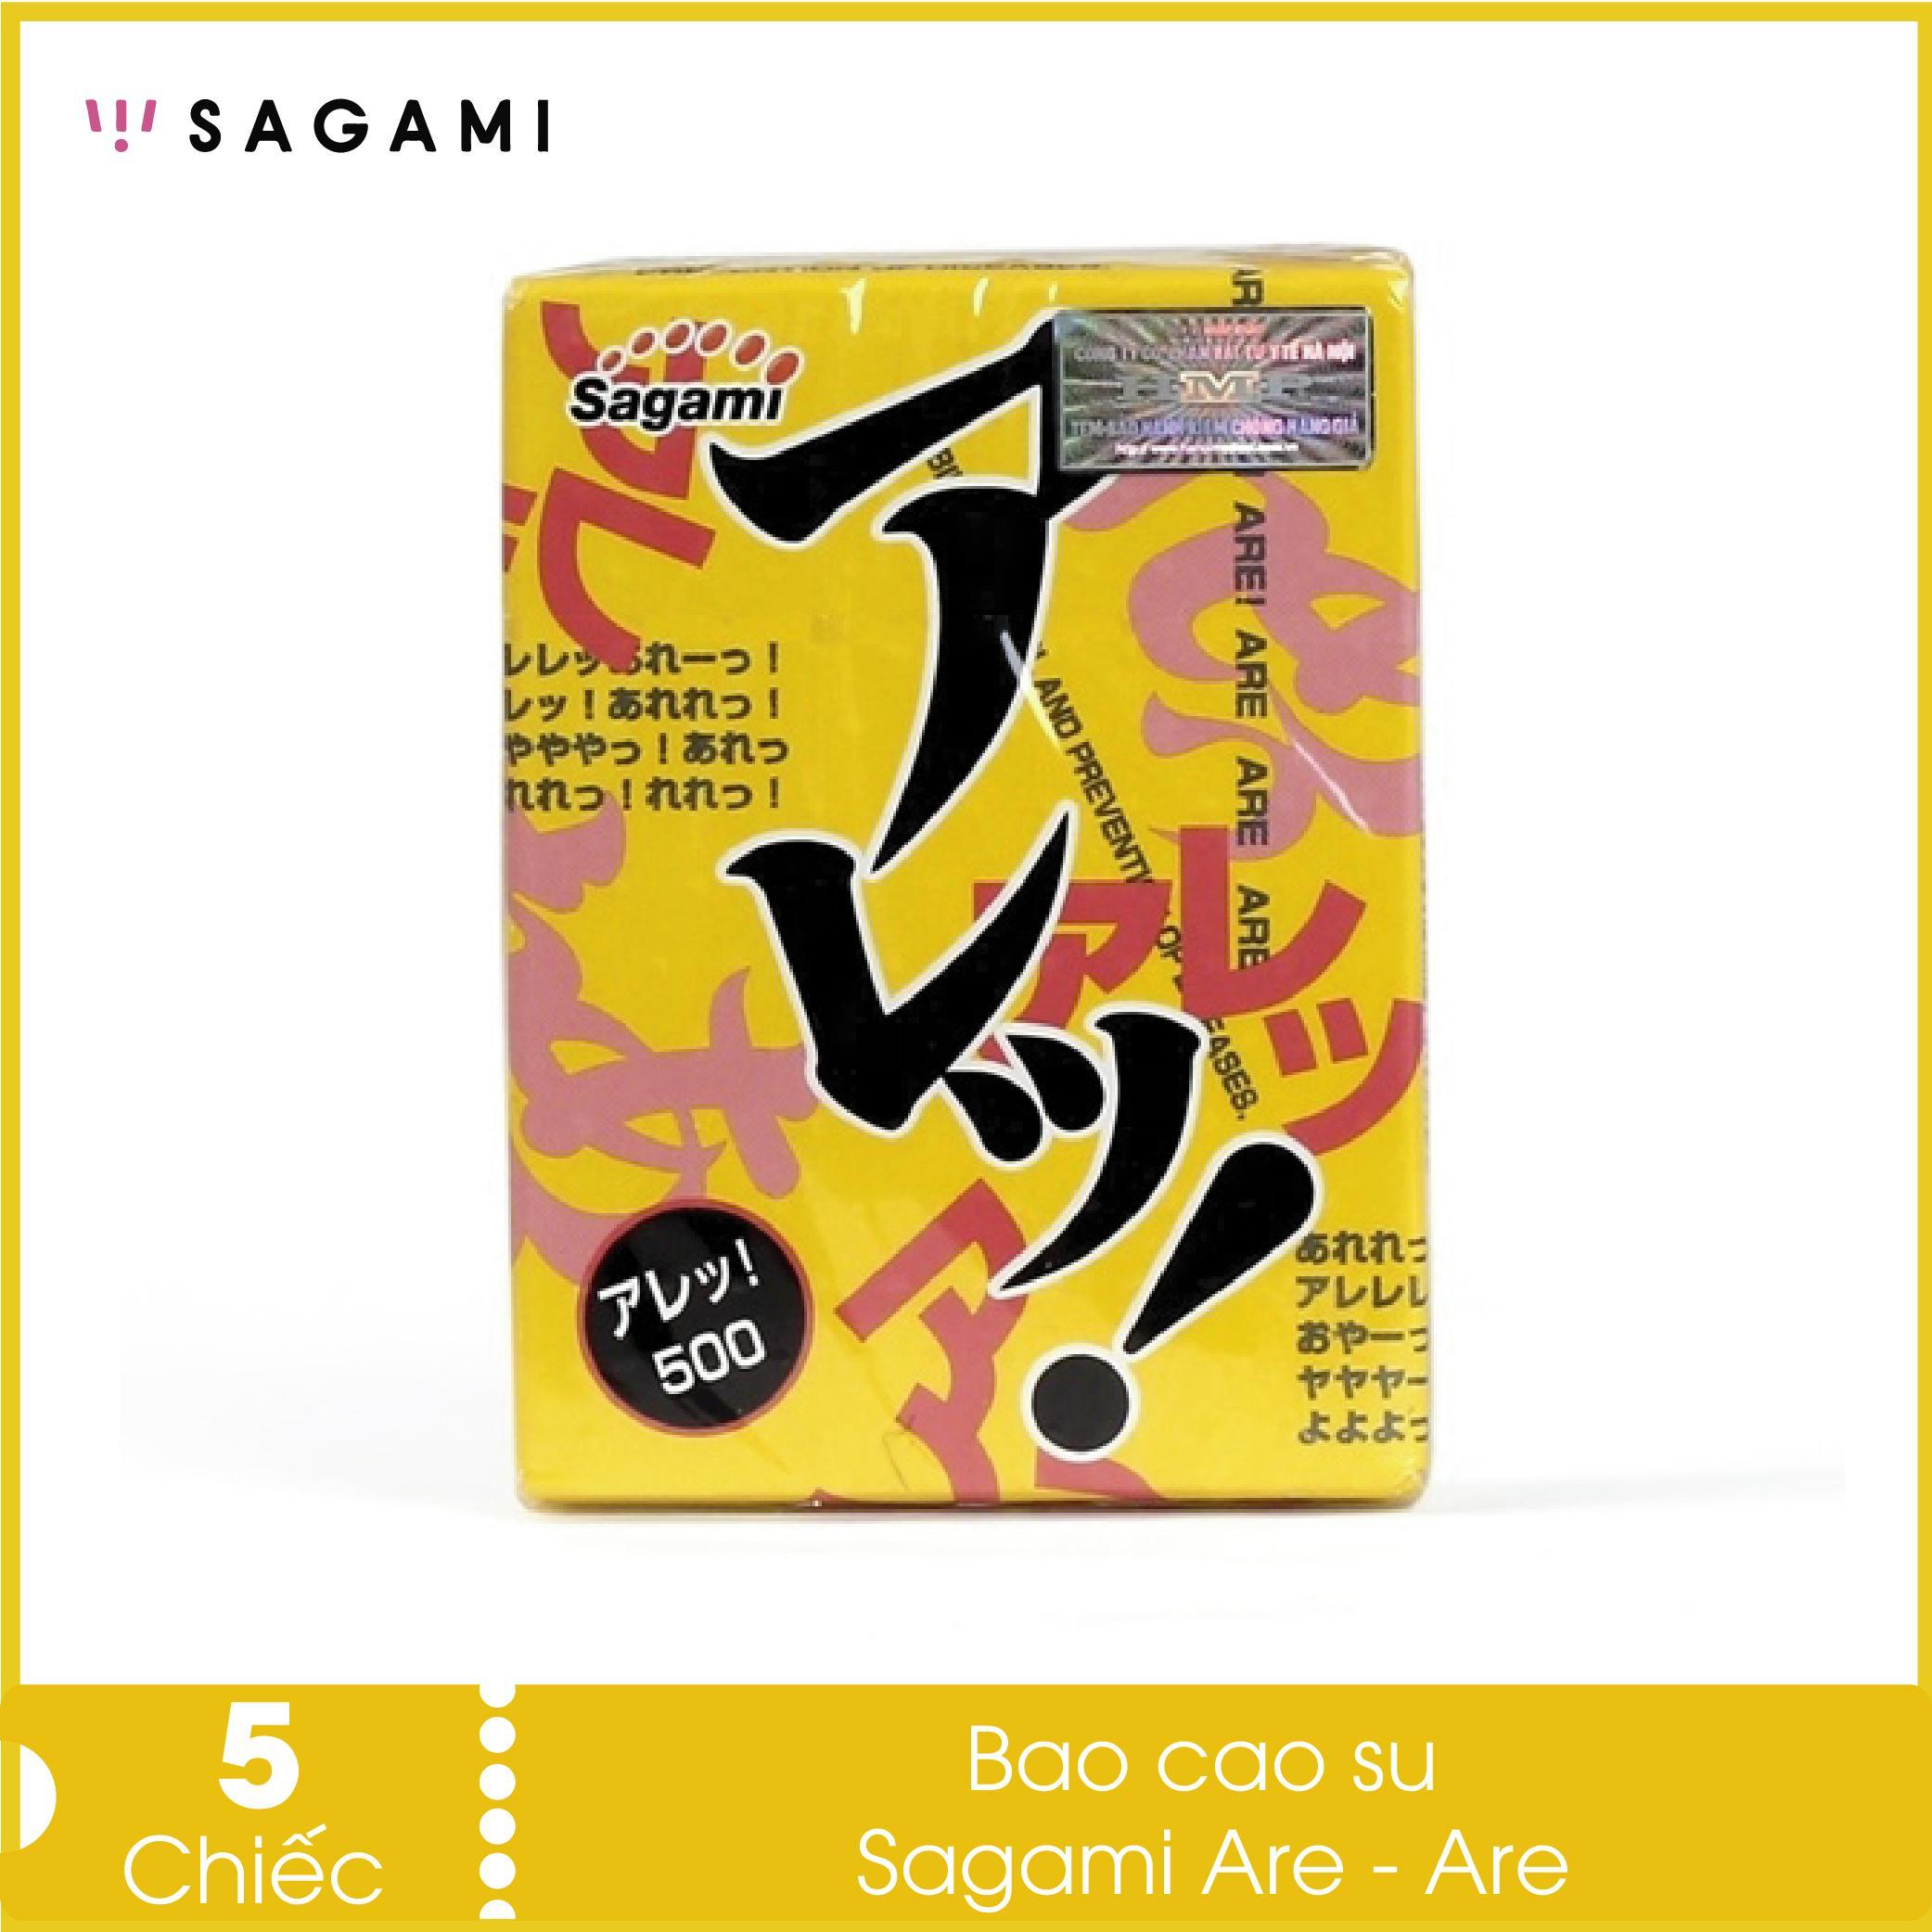 Bao cao su gai nổi Sagami Are Are (hộp 5 chiếc) - có gân gai và không mùi, siêu mỏng